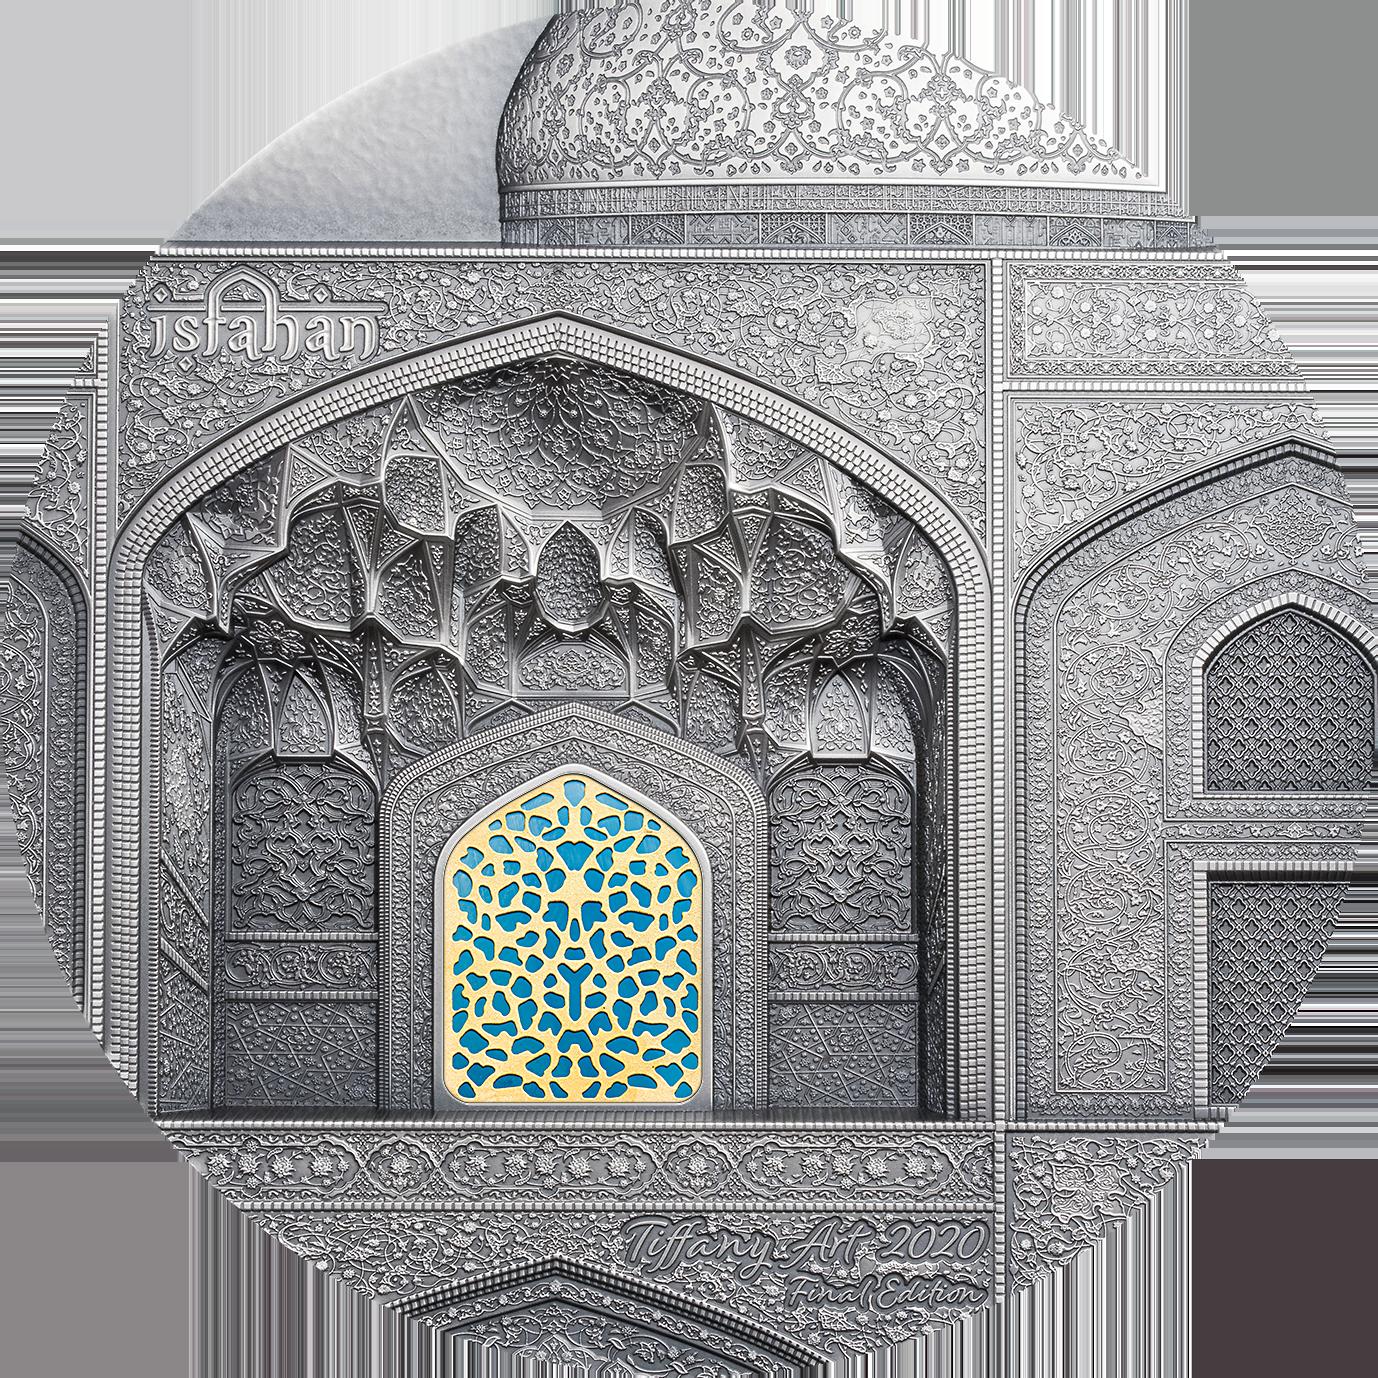 Palau - 2020 - 50 Dollars - Tiffany Art Isfahan 1 kilo